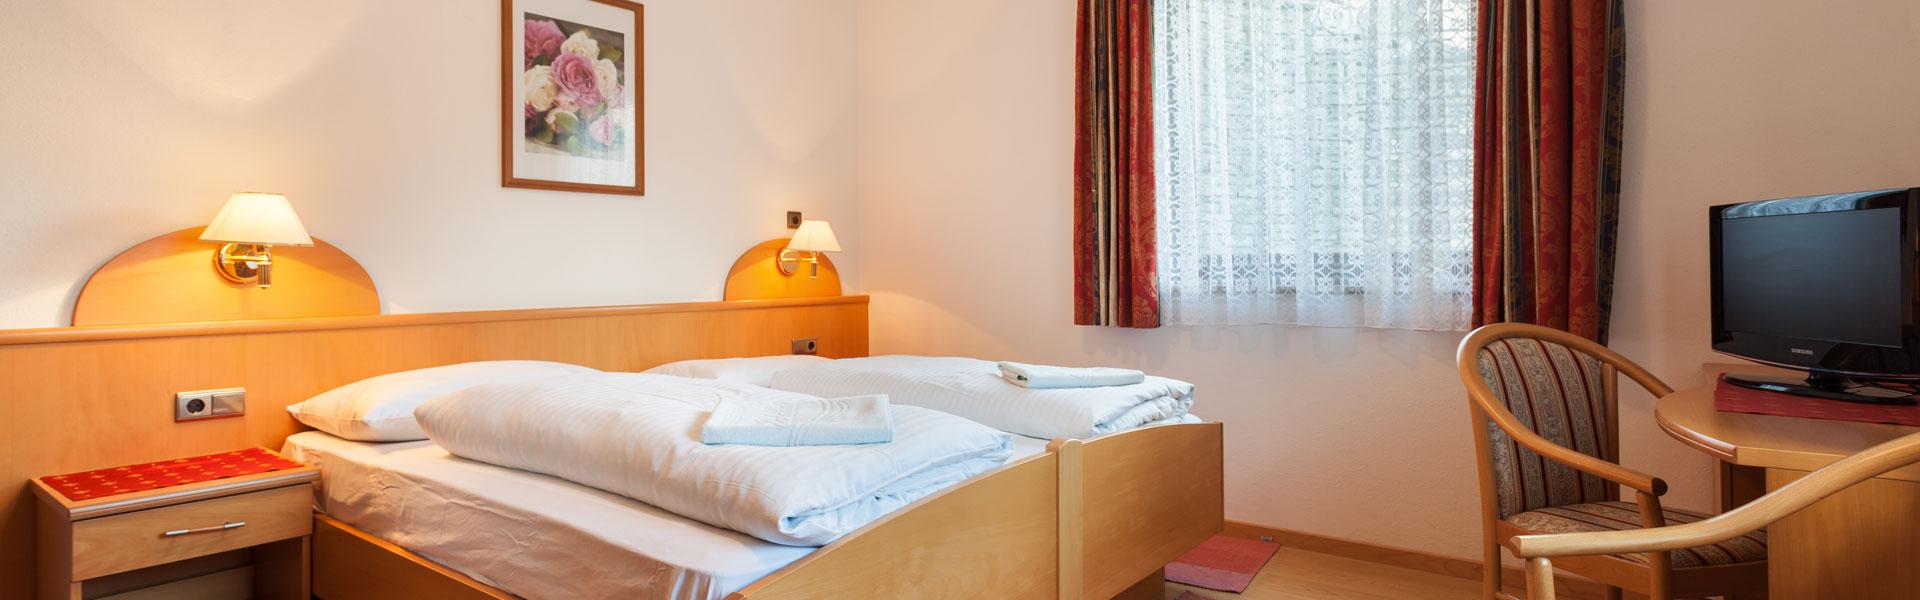 Casa peskoller qui potete trovare tutte le informazioni sulle camere e prezzi camere per - Camere da bagno ...